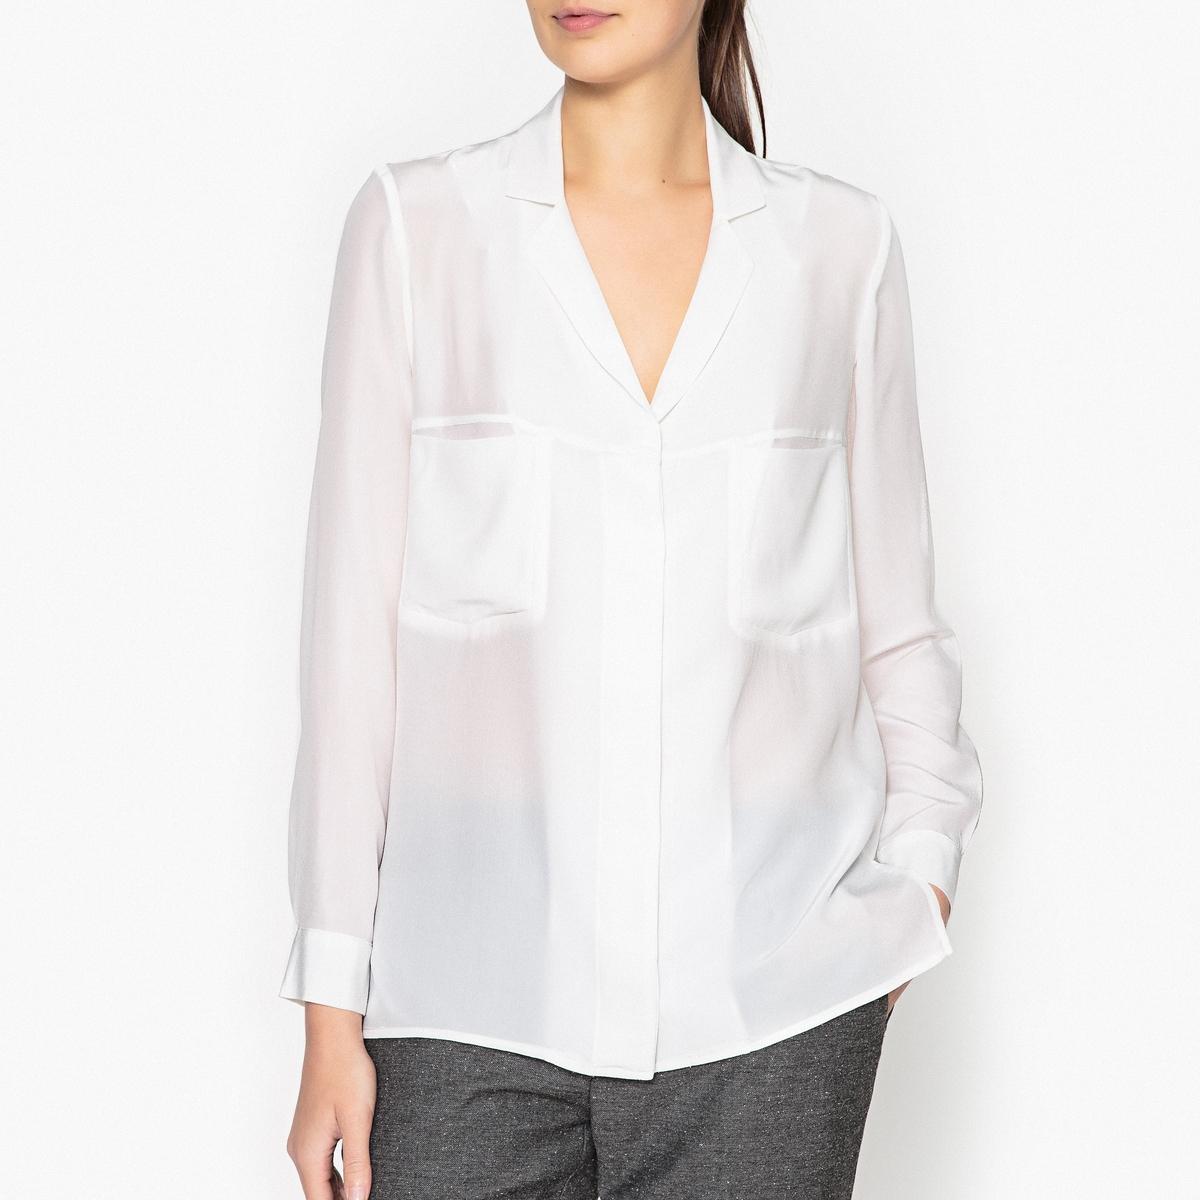 Рубашка GASPARDОписание:Рубашка с длинными рукавами MARGAUX LONNBERG - модель GASPARD из 100% шелка с нагрудными карманами.Детали •  Длинные рукава •  Прямой покрой •   V-образный вырезСостав и уход •  100% шелк •  Следуйте советам по уходу, указанным на этикетке<br><br>Цвет: белый<br>Размер: 36 (FR) - 42 (RUS)